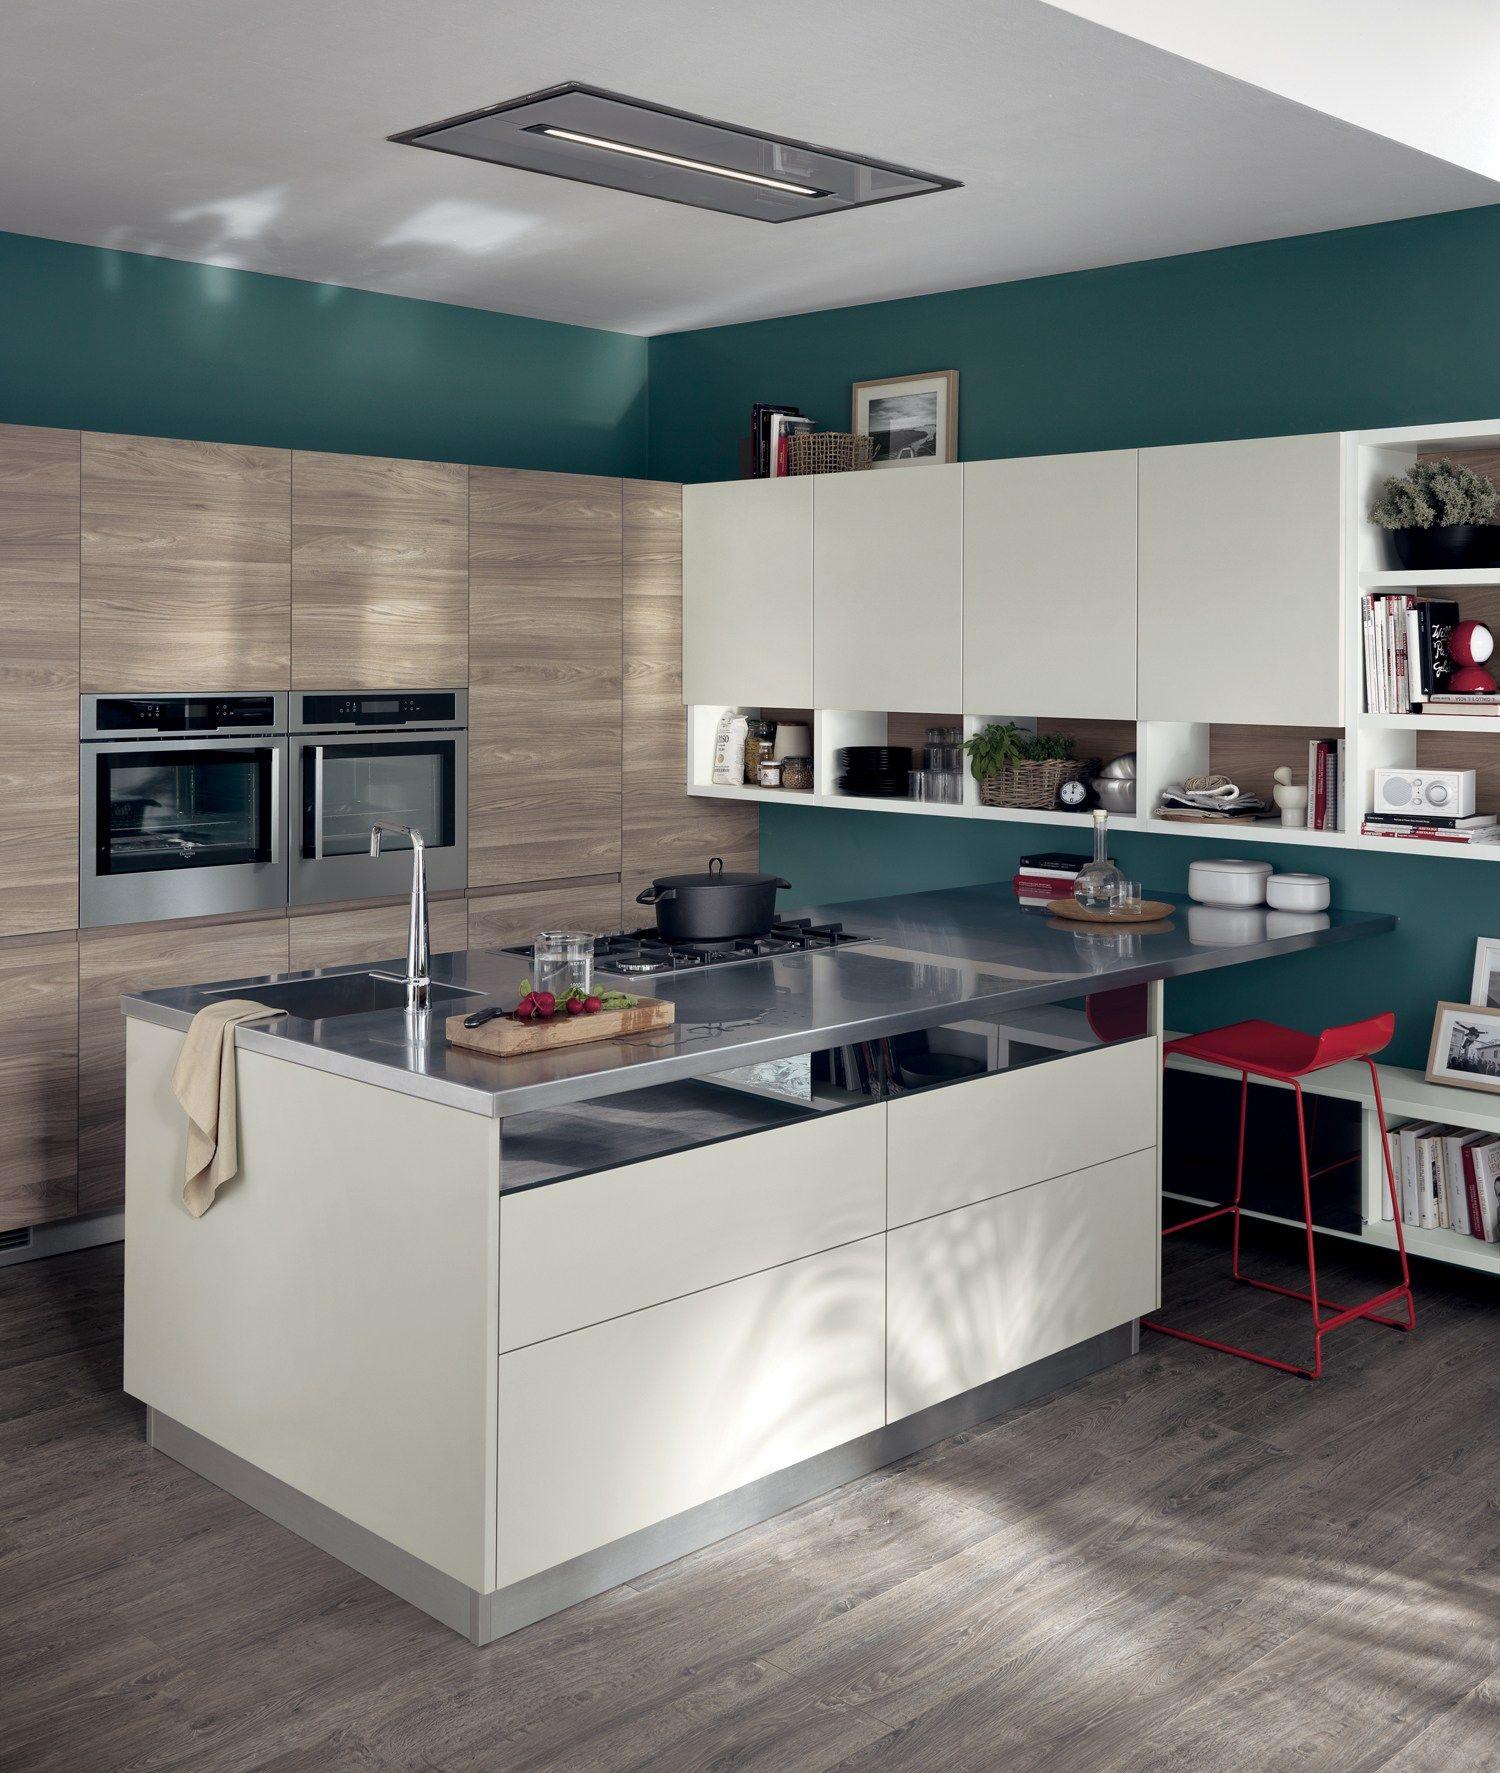 Fitted Kitchen Kitchen Design Specialists: Fitted Kitchen MOTUS Scavolini Line By Scavolini Design